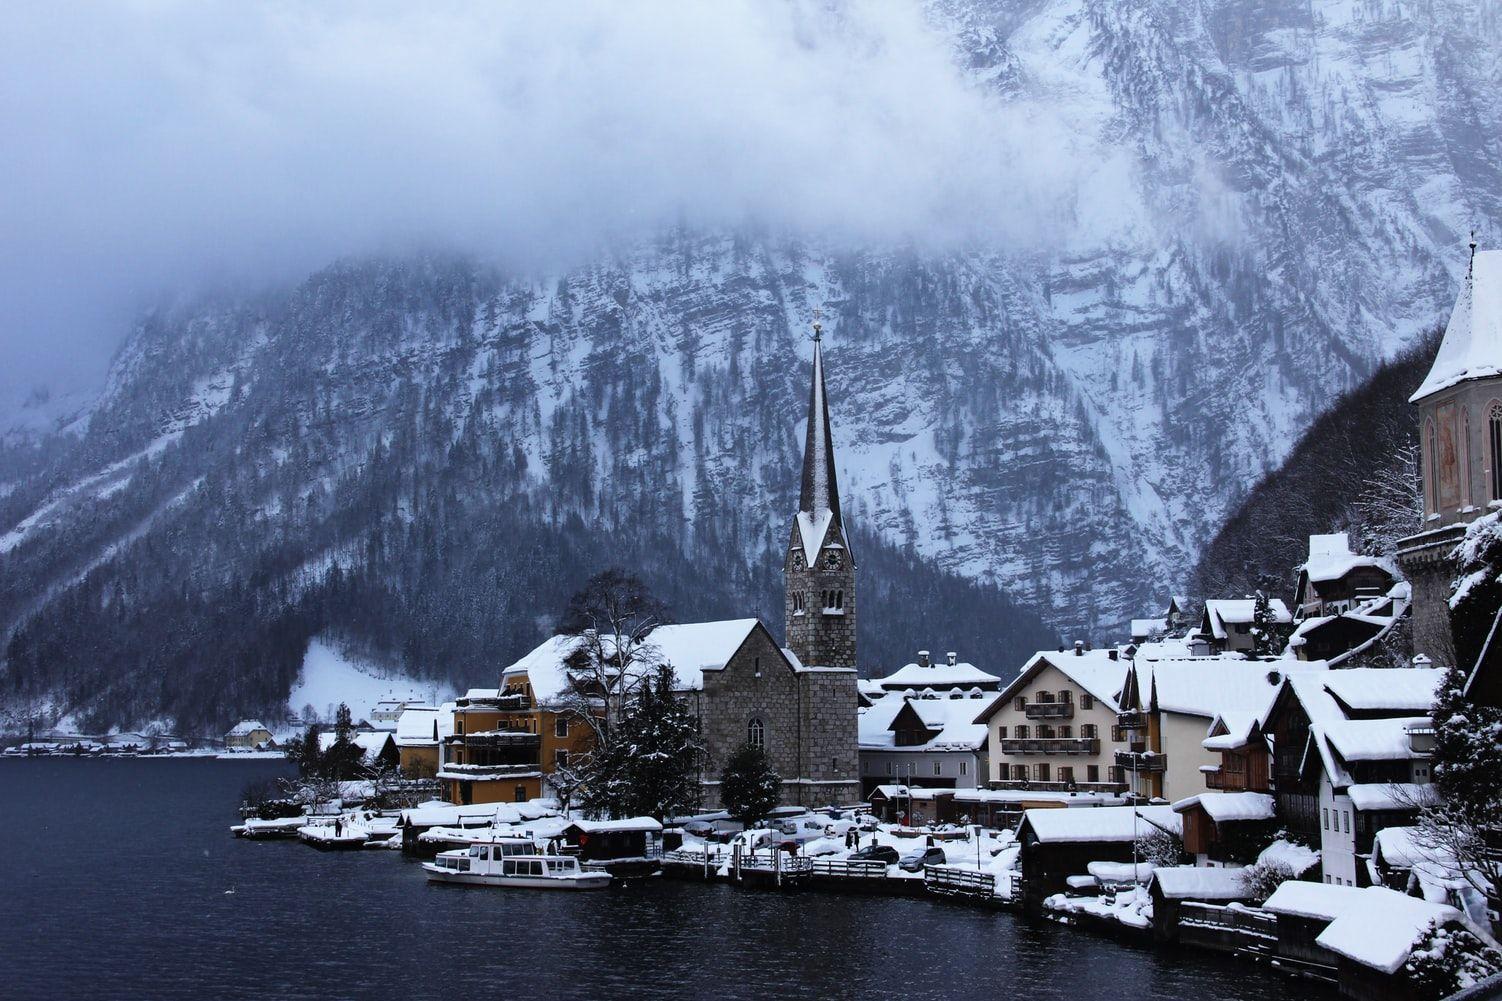 7 Rekomendasi Destinasi Wisata Musim Dingin untuk Liburanmu